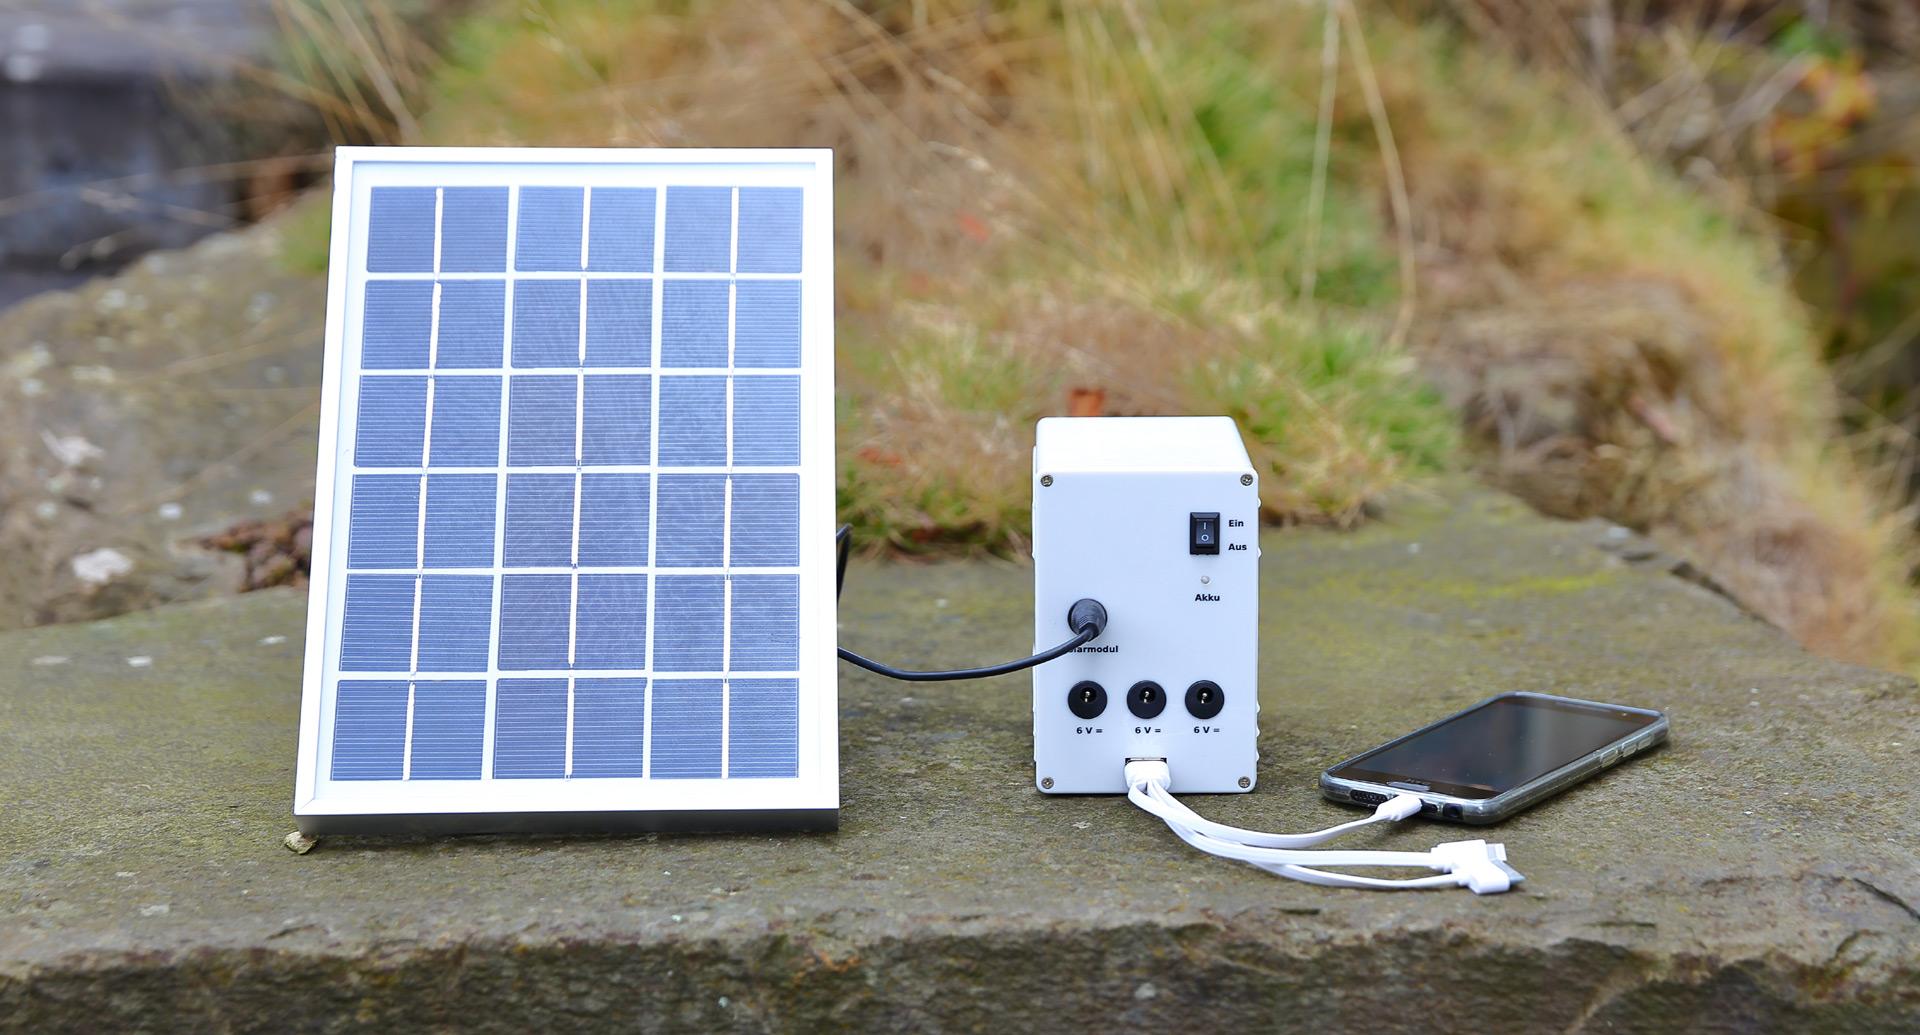 Test portables solar licht und ladesystem for Solar licht